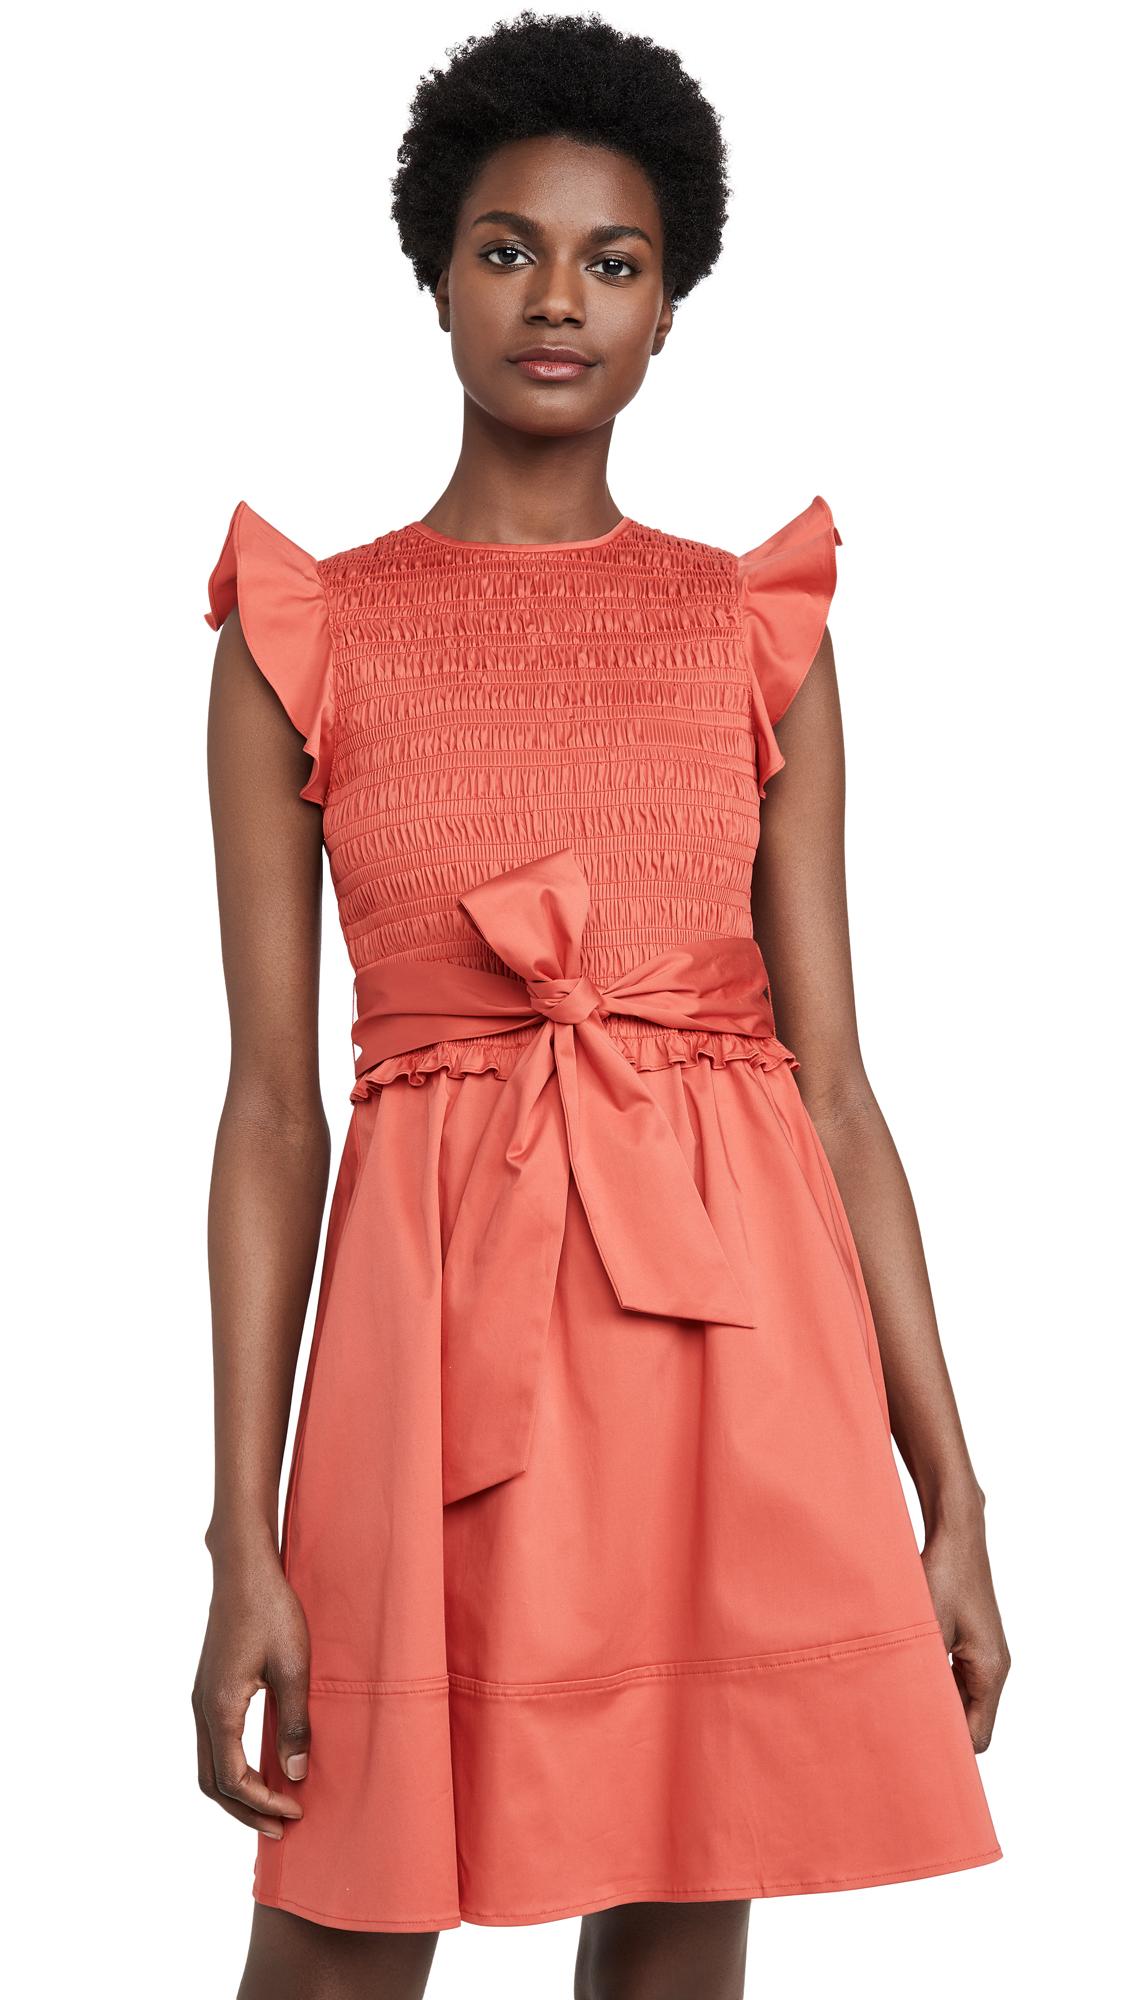 Shoshanna Navia Dress - 50% Off Sale